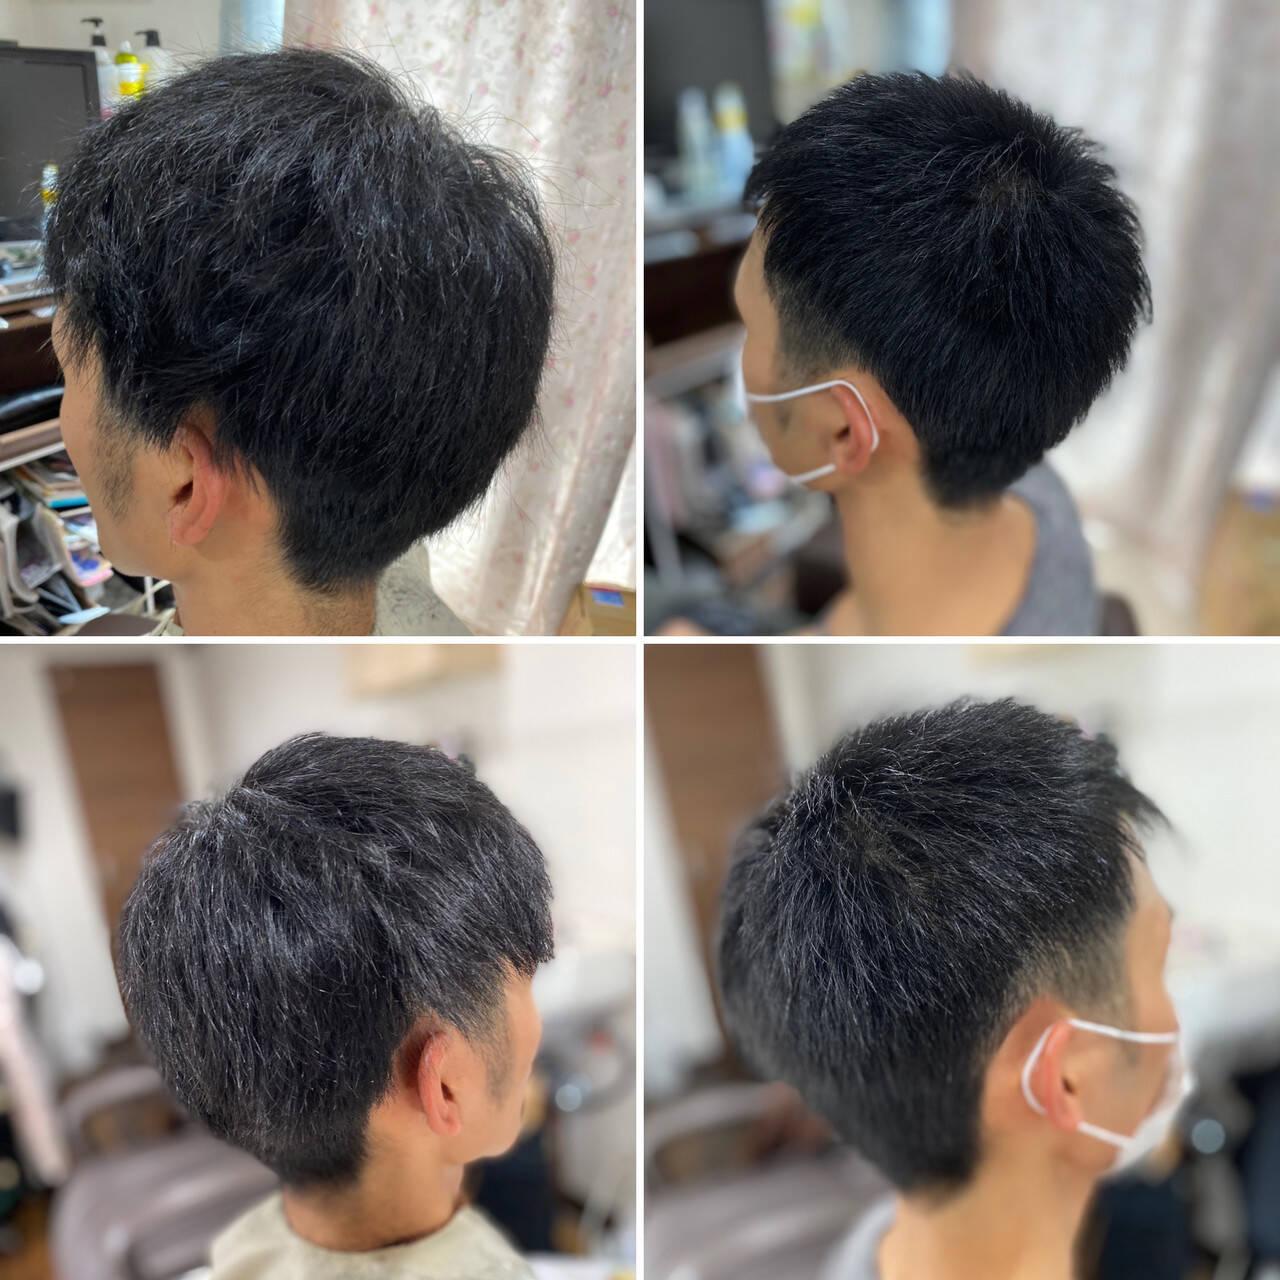 ツーブロック メンズヘア メンズスタイル ストリートヘアスタイルや髪型の写真・画像